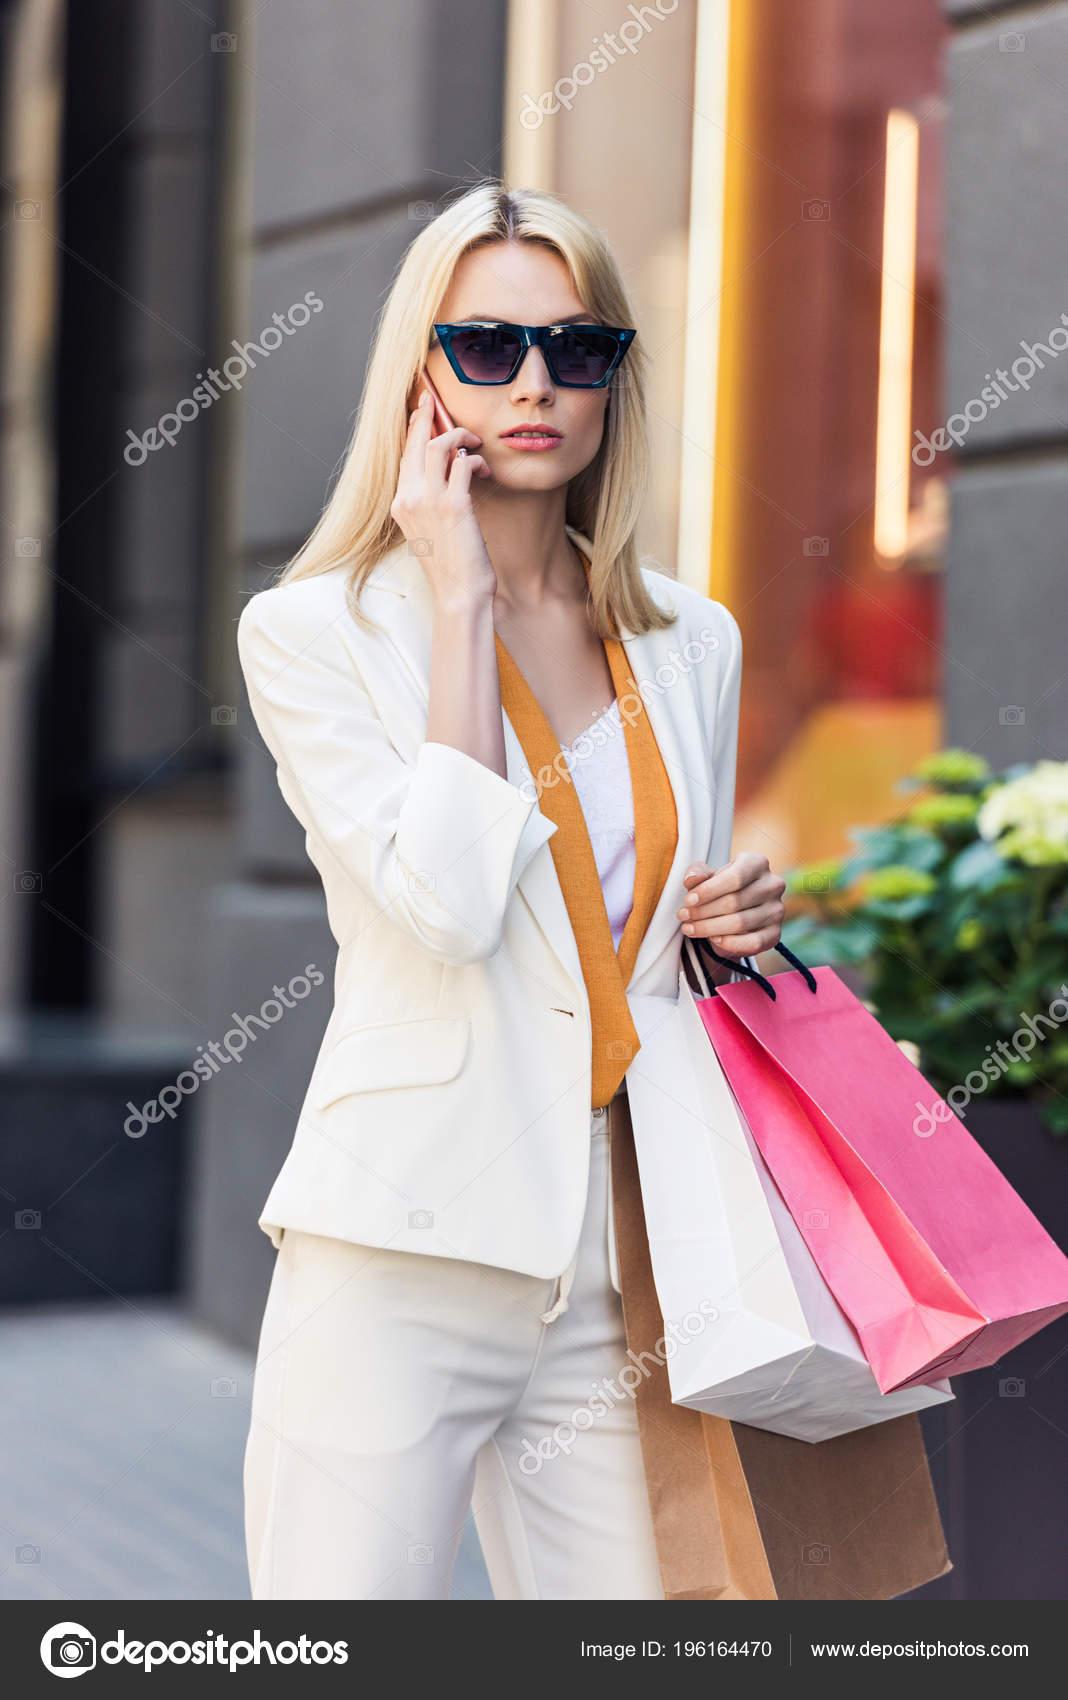 7ca903af2c Μοντέρνα Νεαρή Γυναίκα Γυαλιά Ηλίου Κρατώντας Χάρτινες Τσάντες Και Μιλάμε — Φωτογραφία  Αρχείου